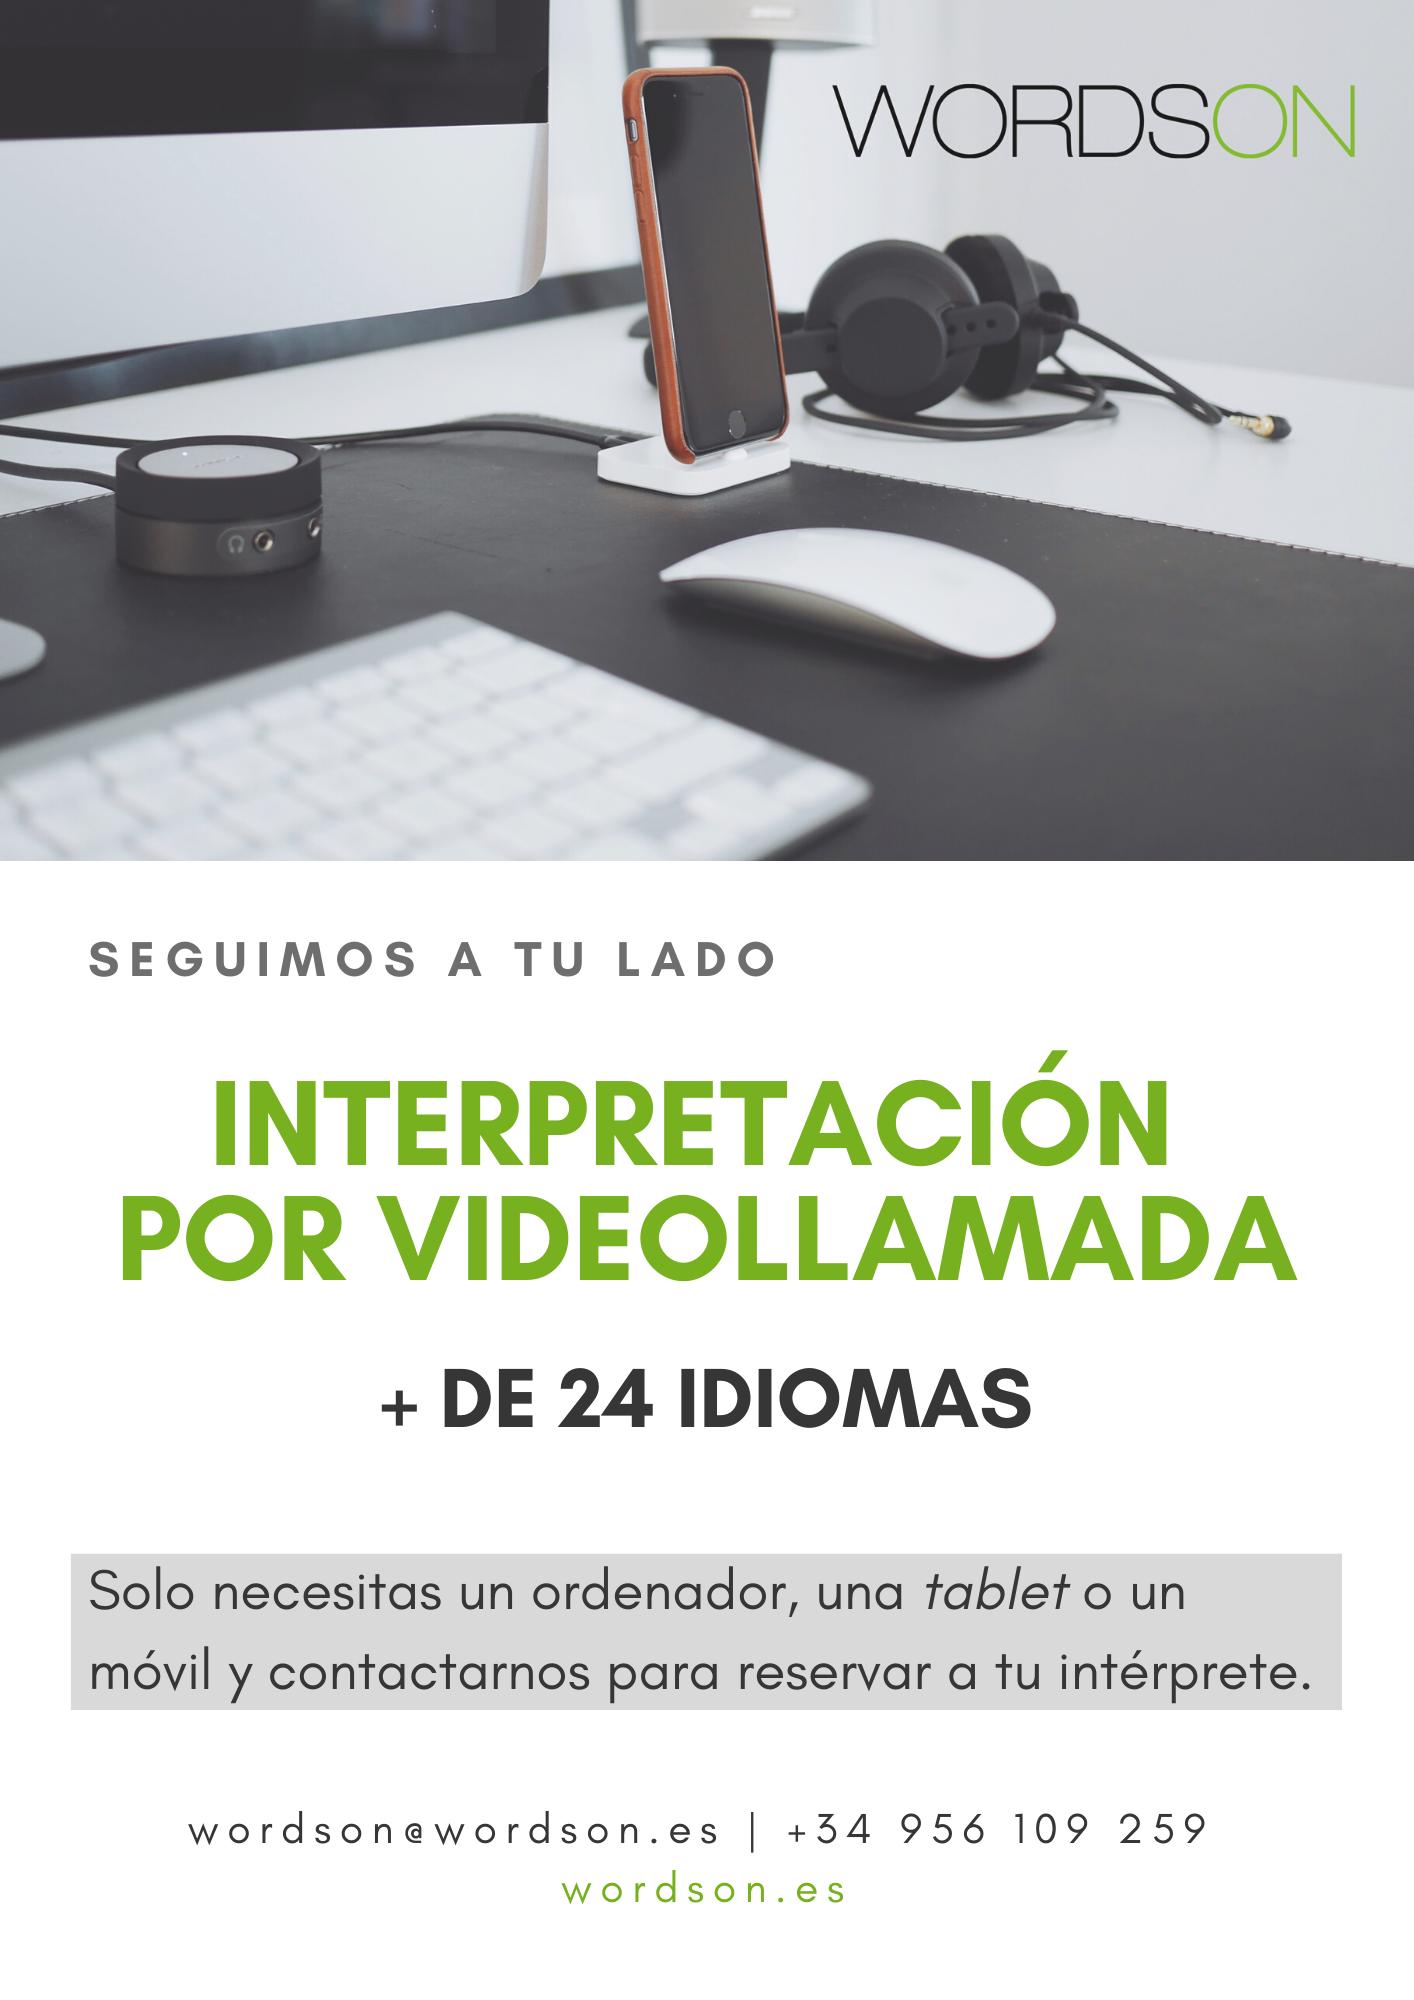 Interpretación por videollamada. + 24 idiomas